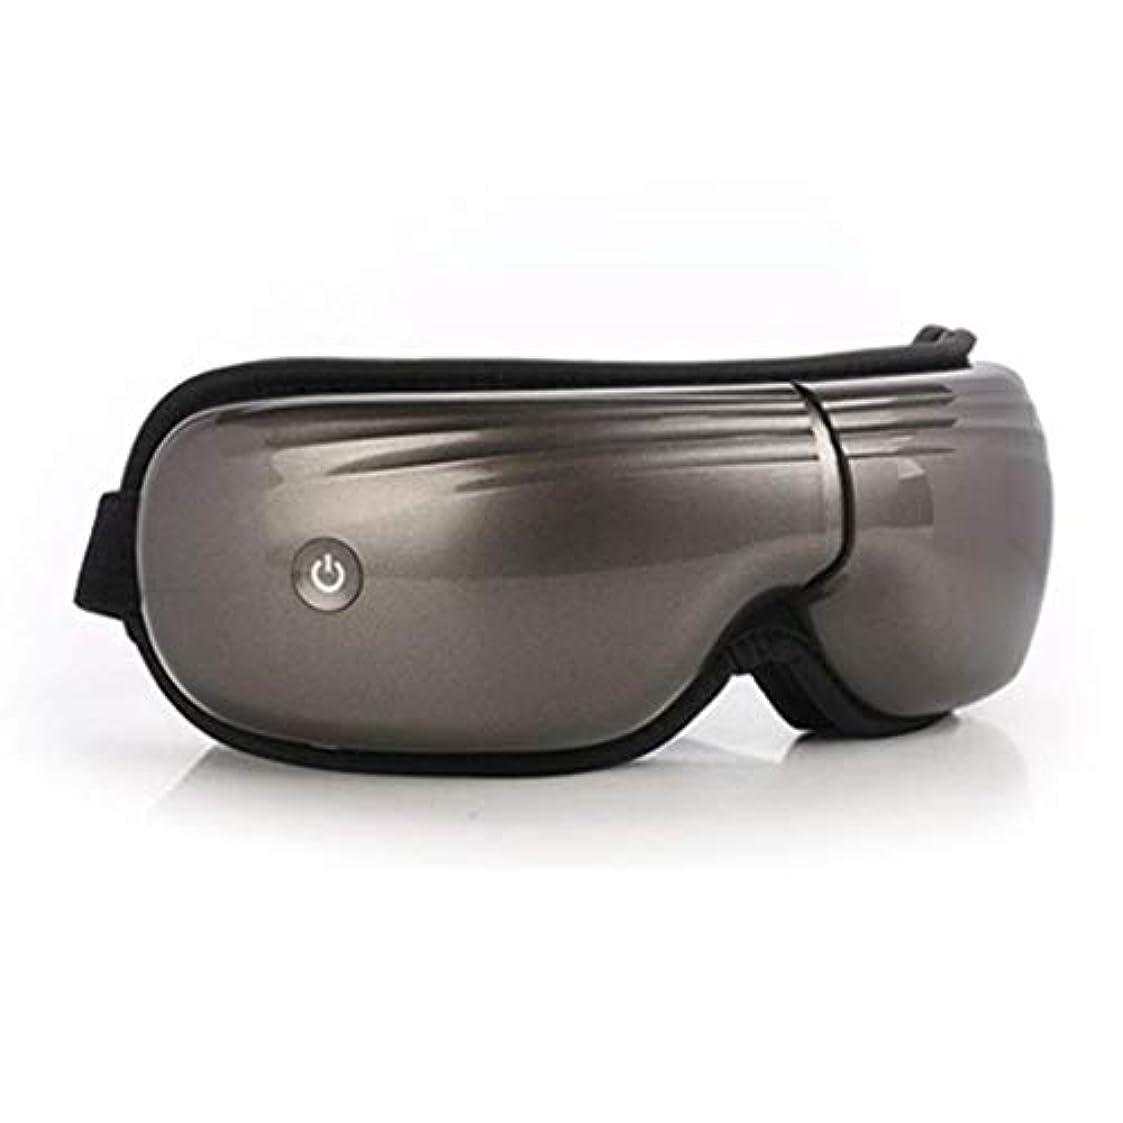 アイマッサージアイマスク、アイマッサージャー、USB充電式ポータブルアイツール、ホットコンプレッションおよびフォールディングホーム、ダークサークルアイバッグおよびアイ疲労の改善、いつでも、いつでも持ち運びが簡単